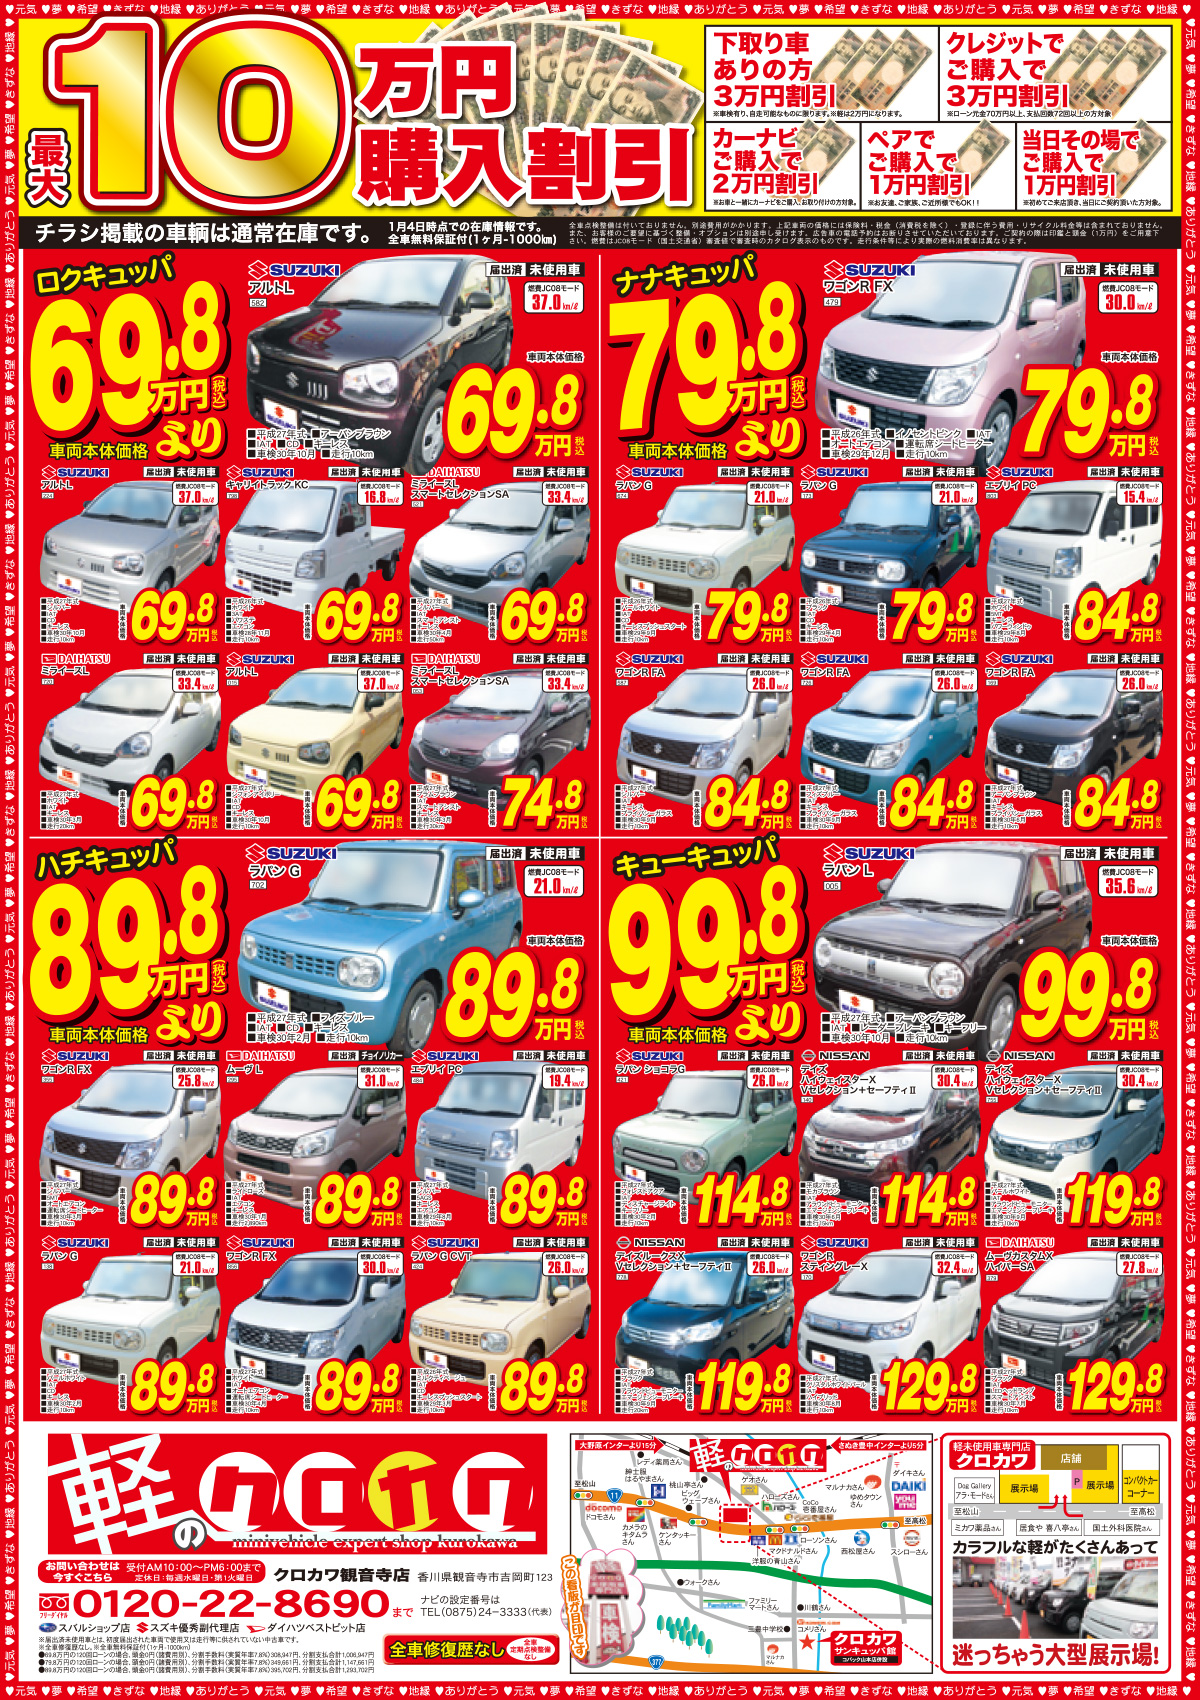 【初売】2016年最初の大チャンス!奇跡のスーパー目玉車!最大10万円購入割引